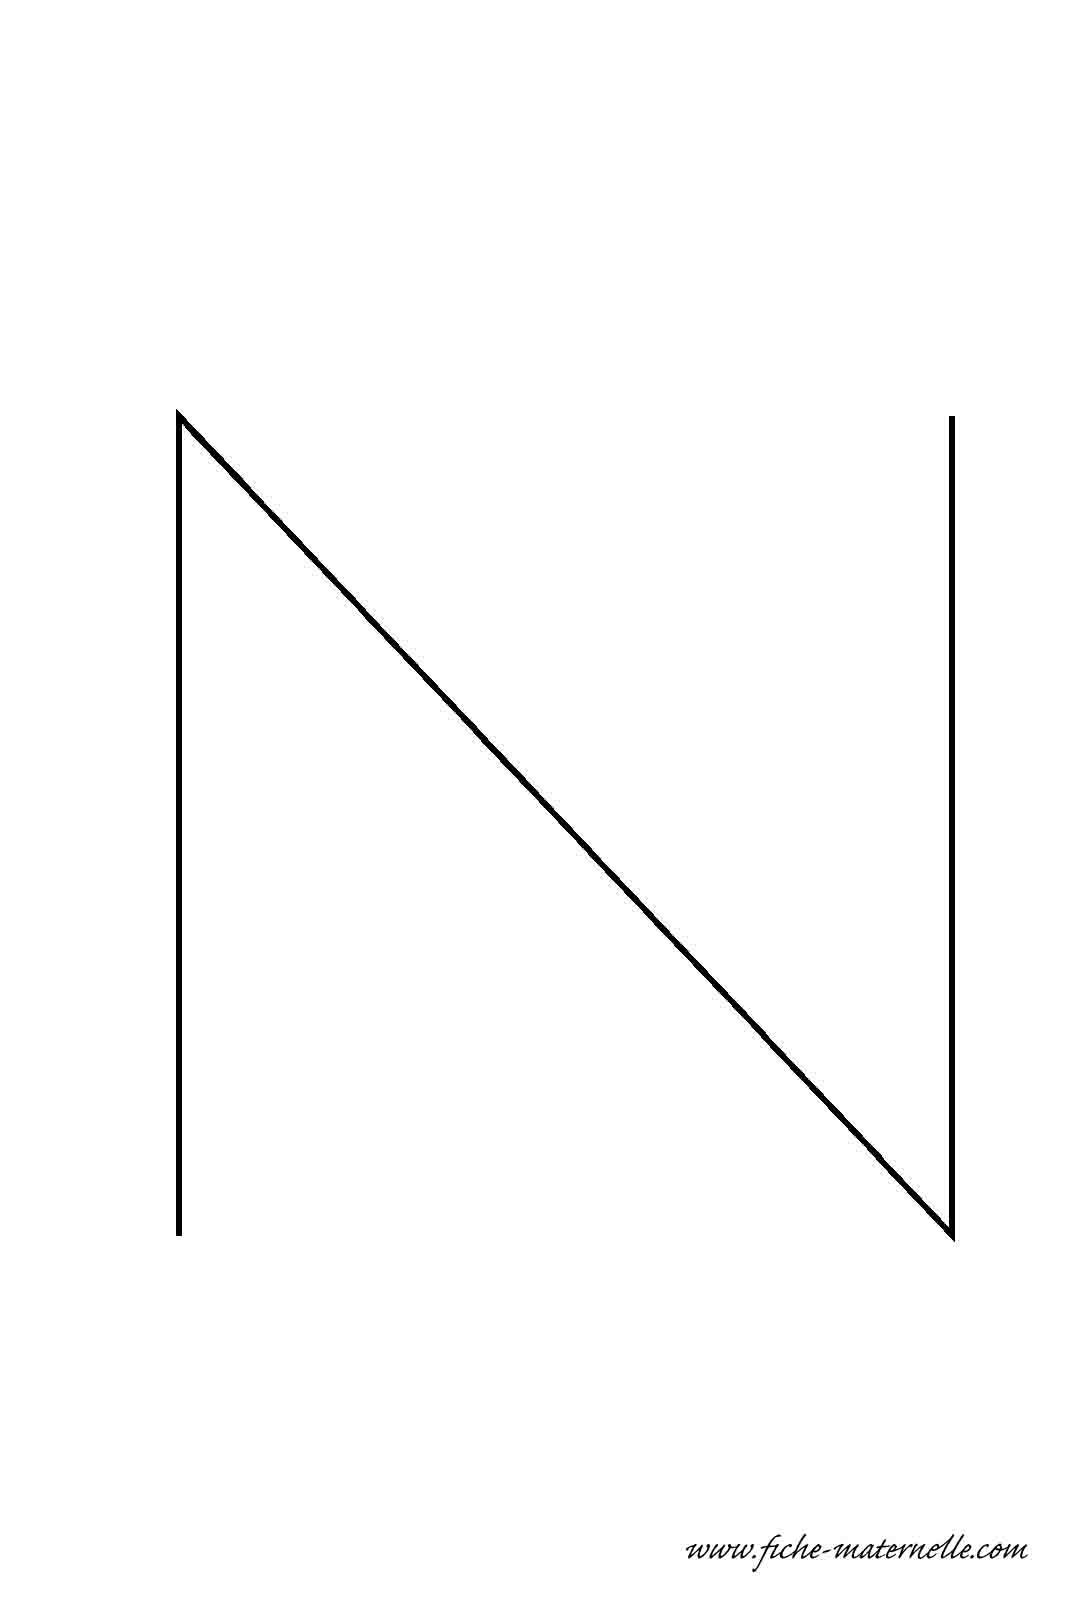 Lettre de l 39 alphabet d corer la lettre capitale n fil de fer - Lettres de l alphabet a decorer ...